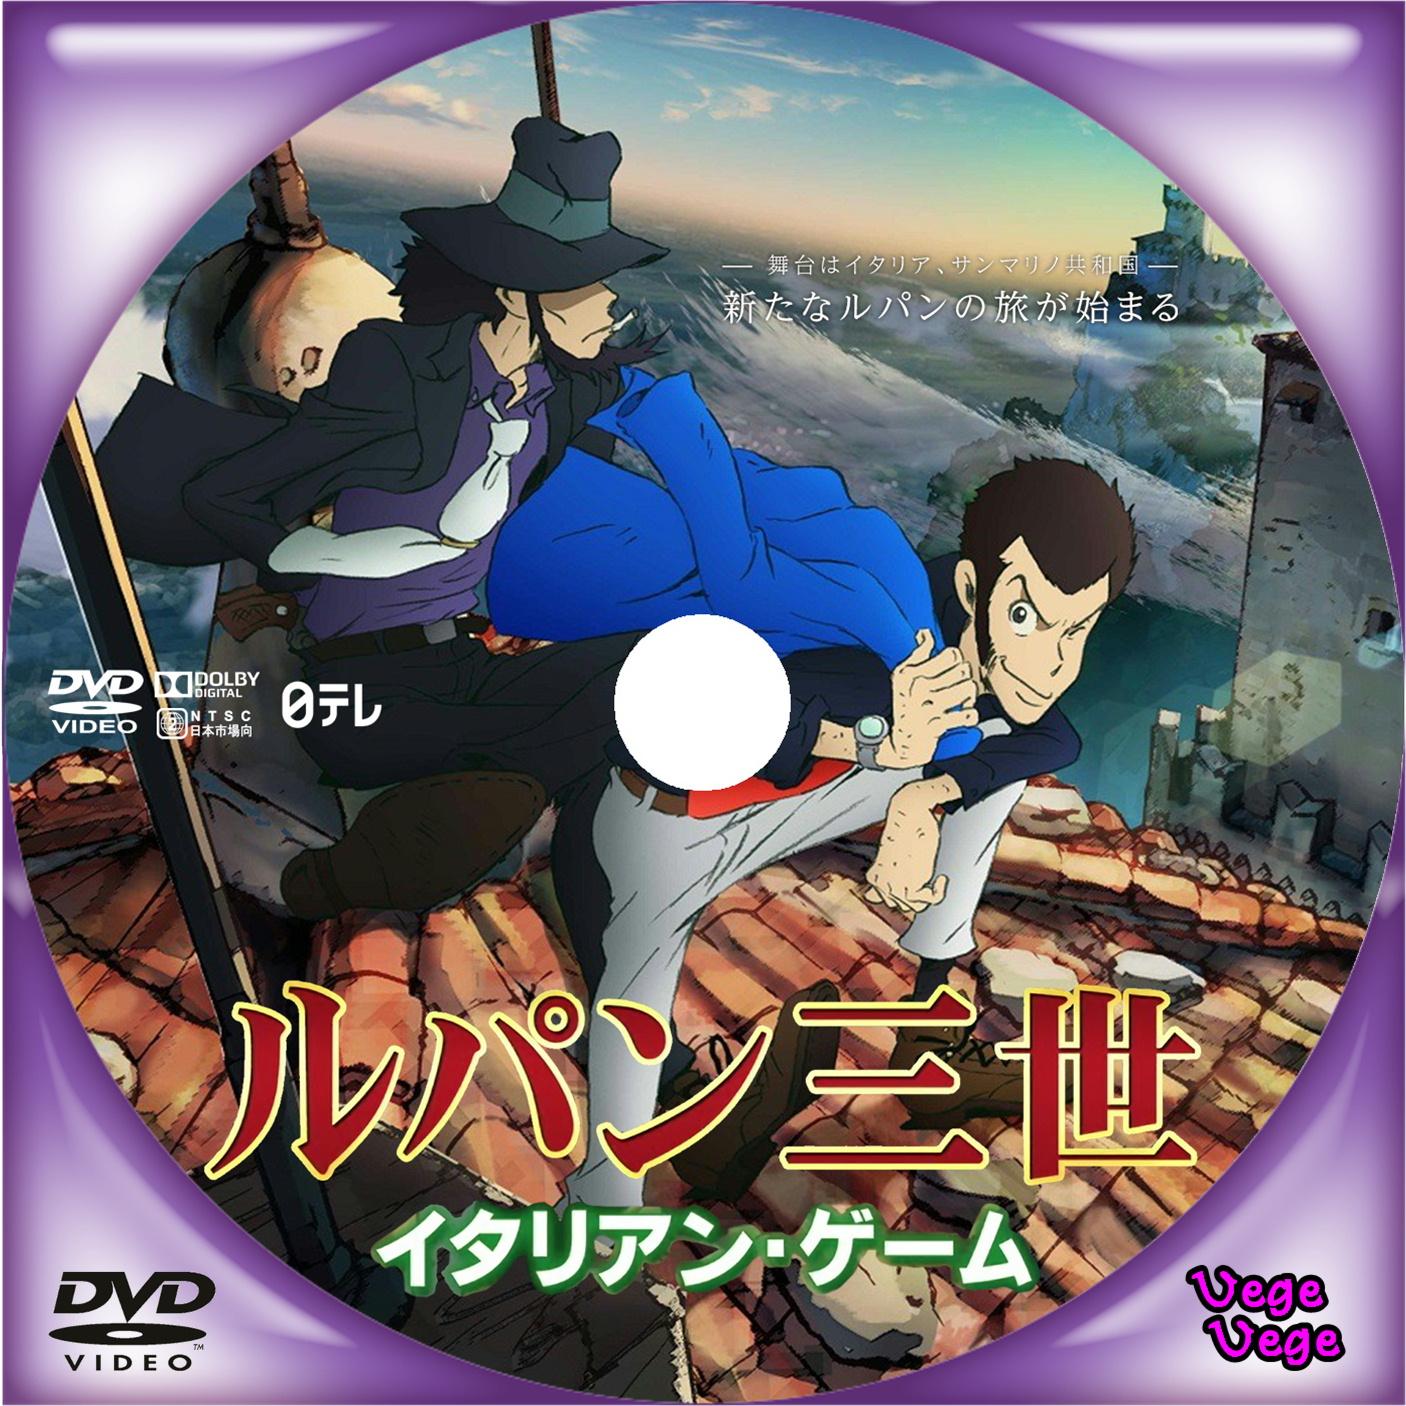 ベジベジの自作BD・DVDラベル